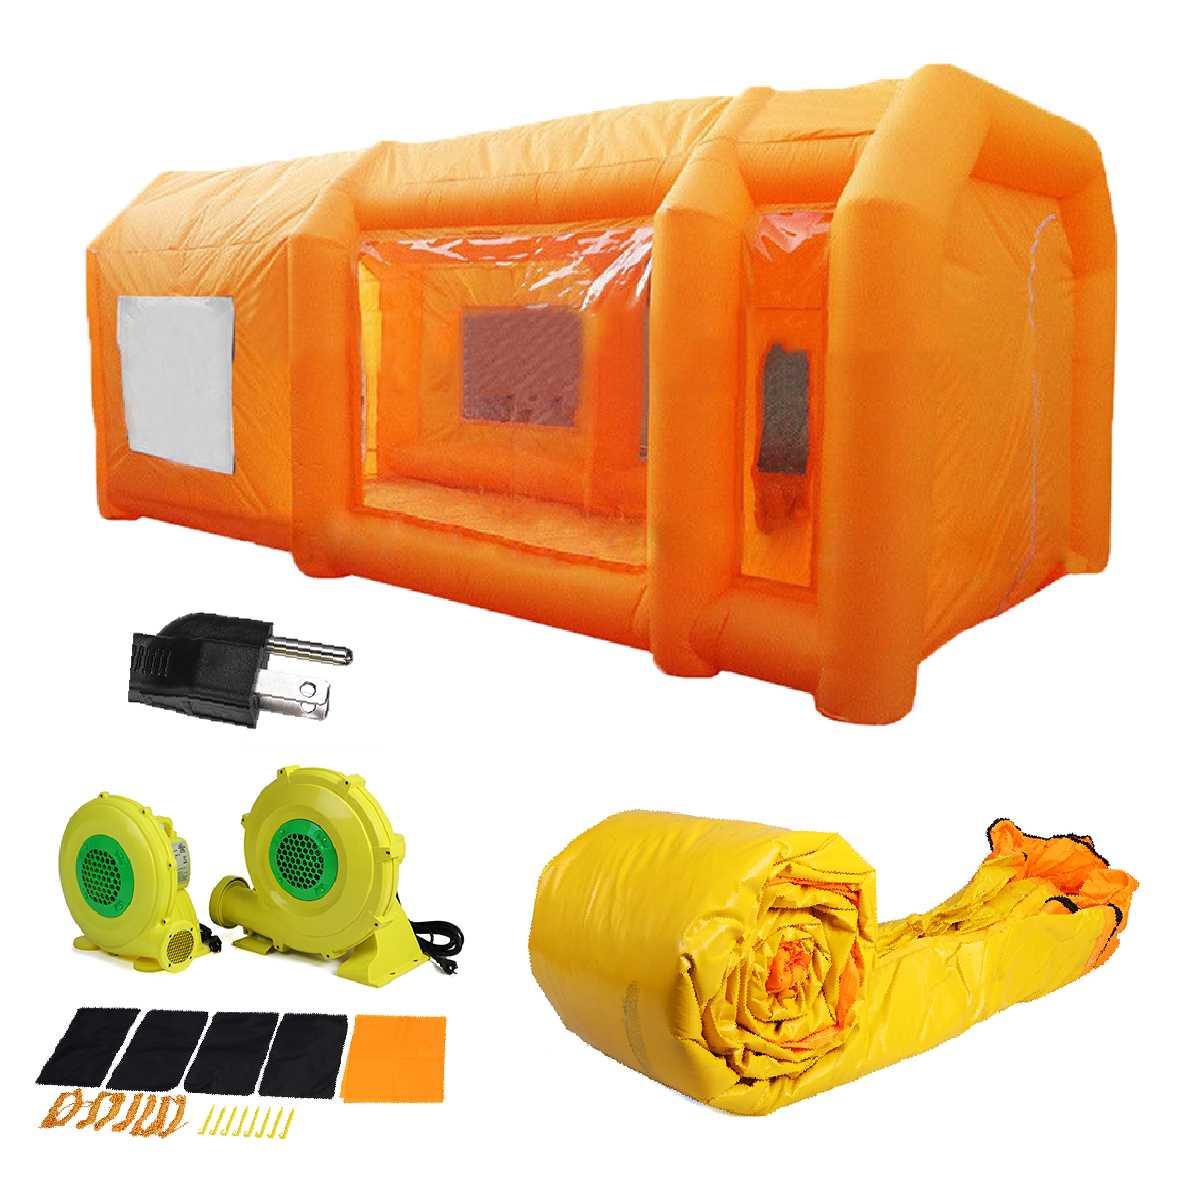 Garages gonflables portatifs, jeu d'enfants de tente de jeu d'enfant, cabine de peinture de tipi a utilisé la cabine gonflable de jet de tente pour la vente de voitures